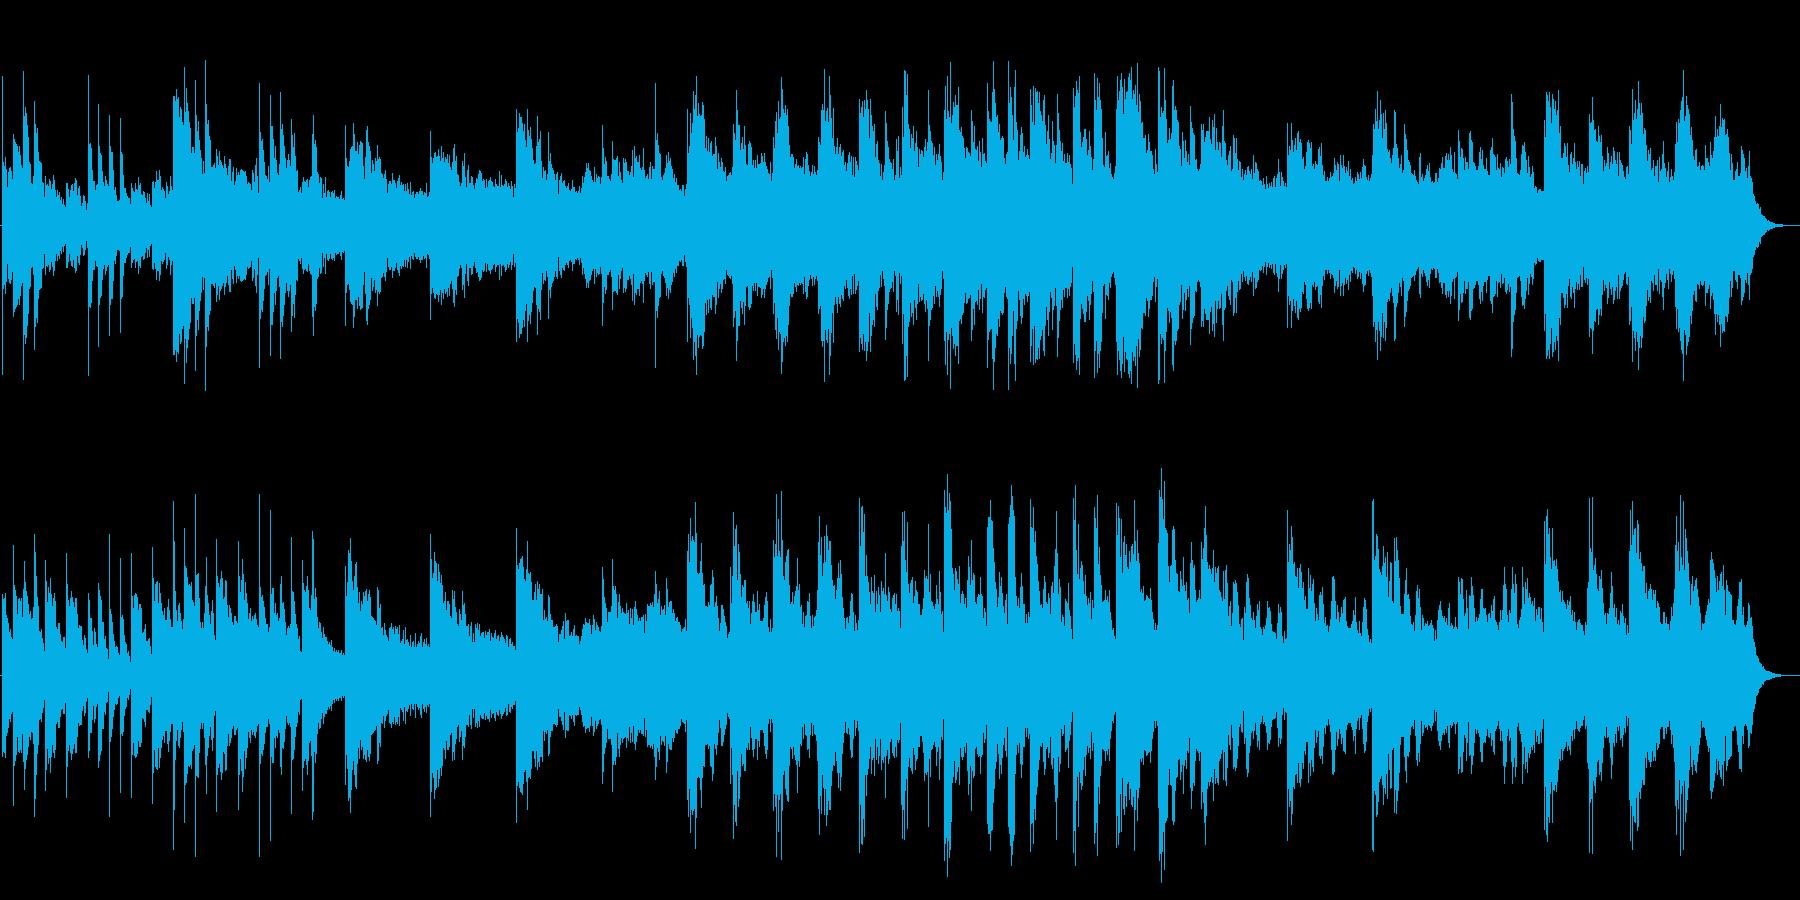 透明感があり広がりを感じるBGMの再生済みの波形